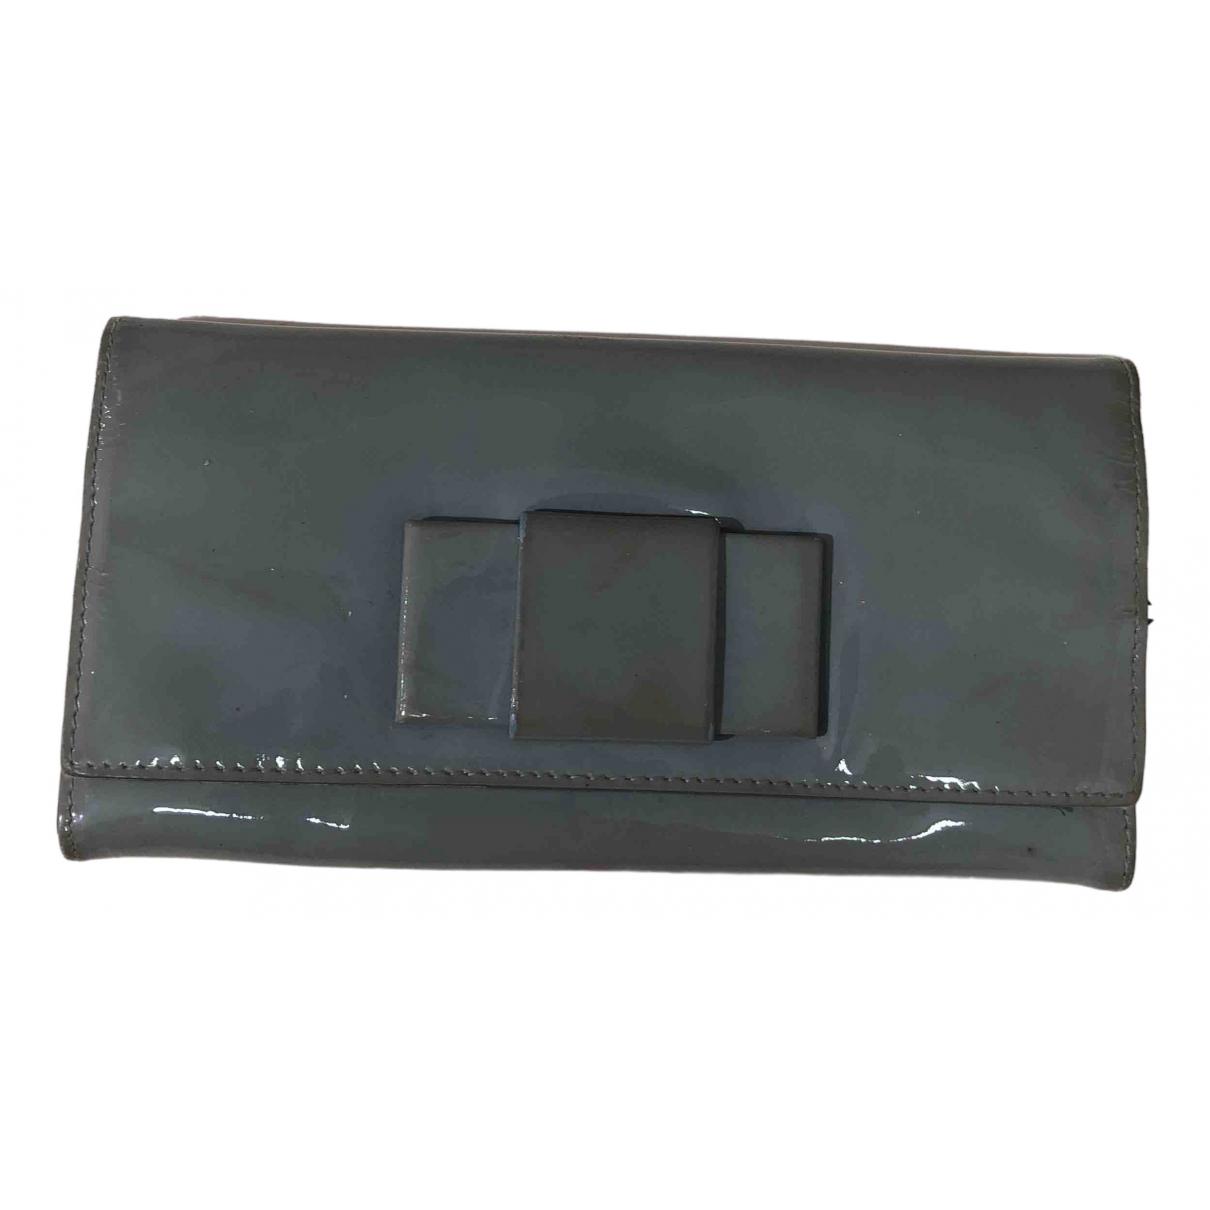 Miu Miu - Portefeuille   pour femme en cuir verni - gris